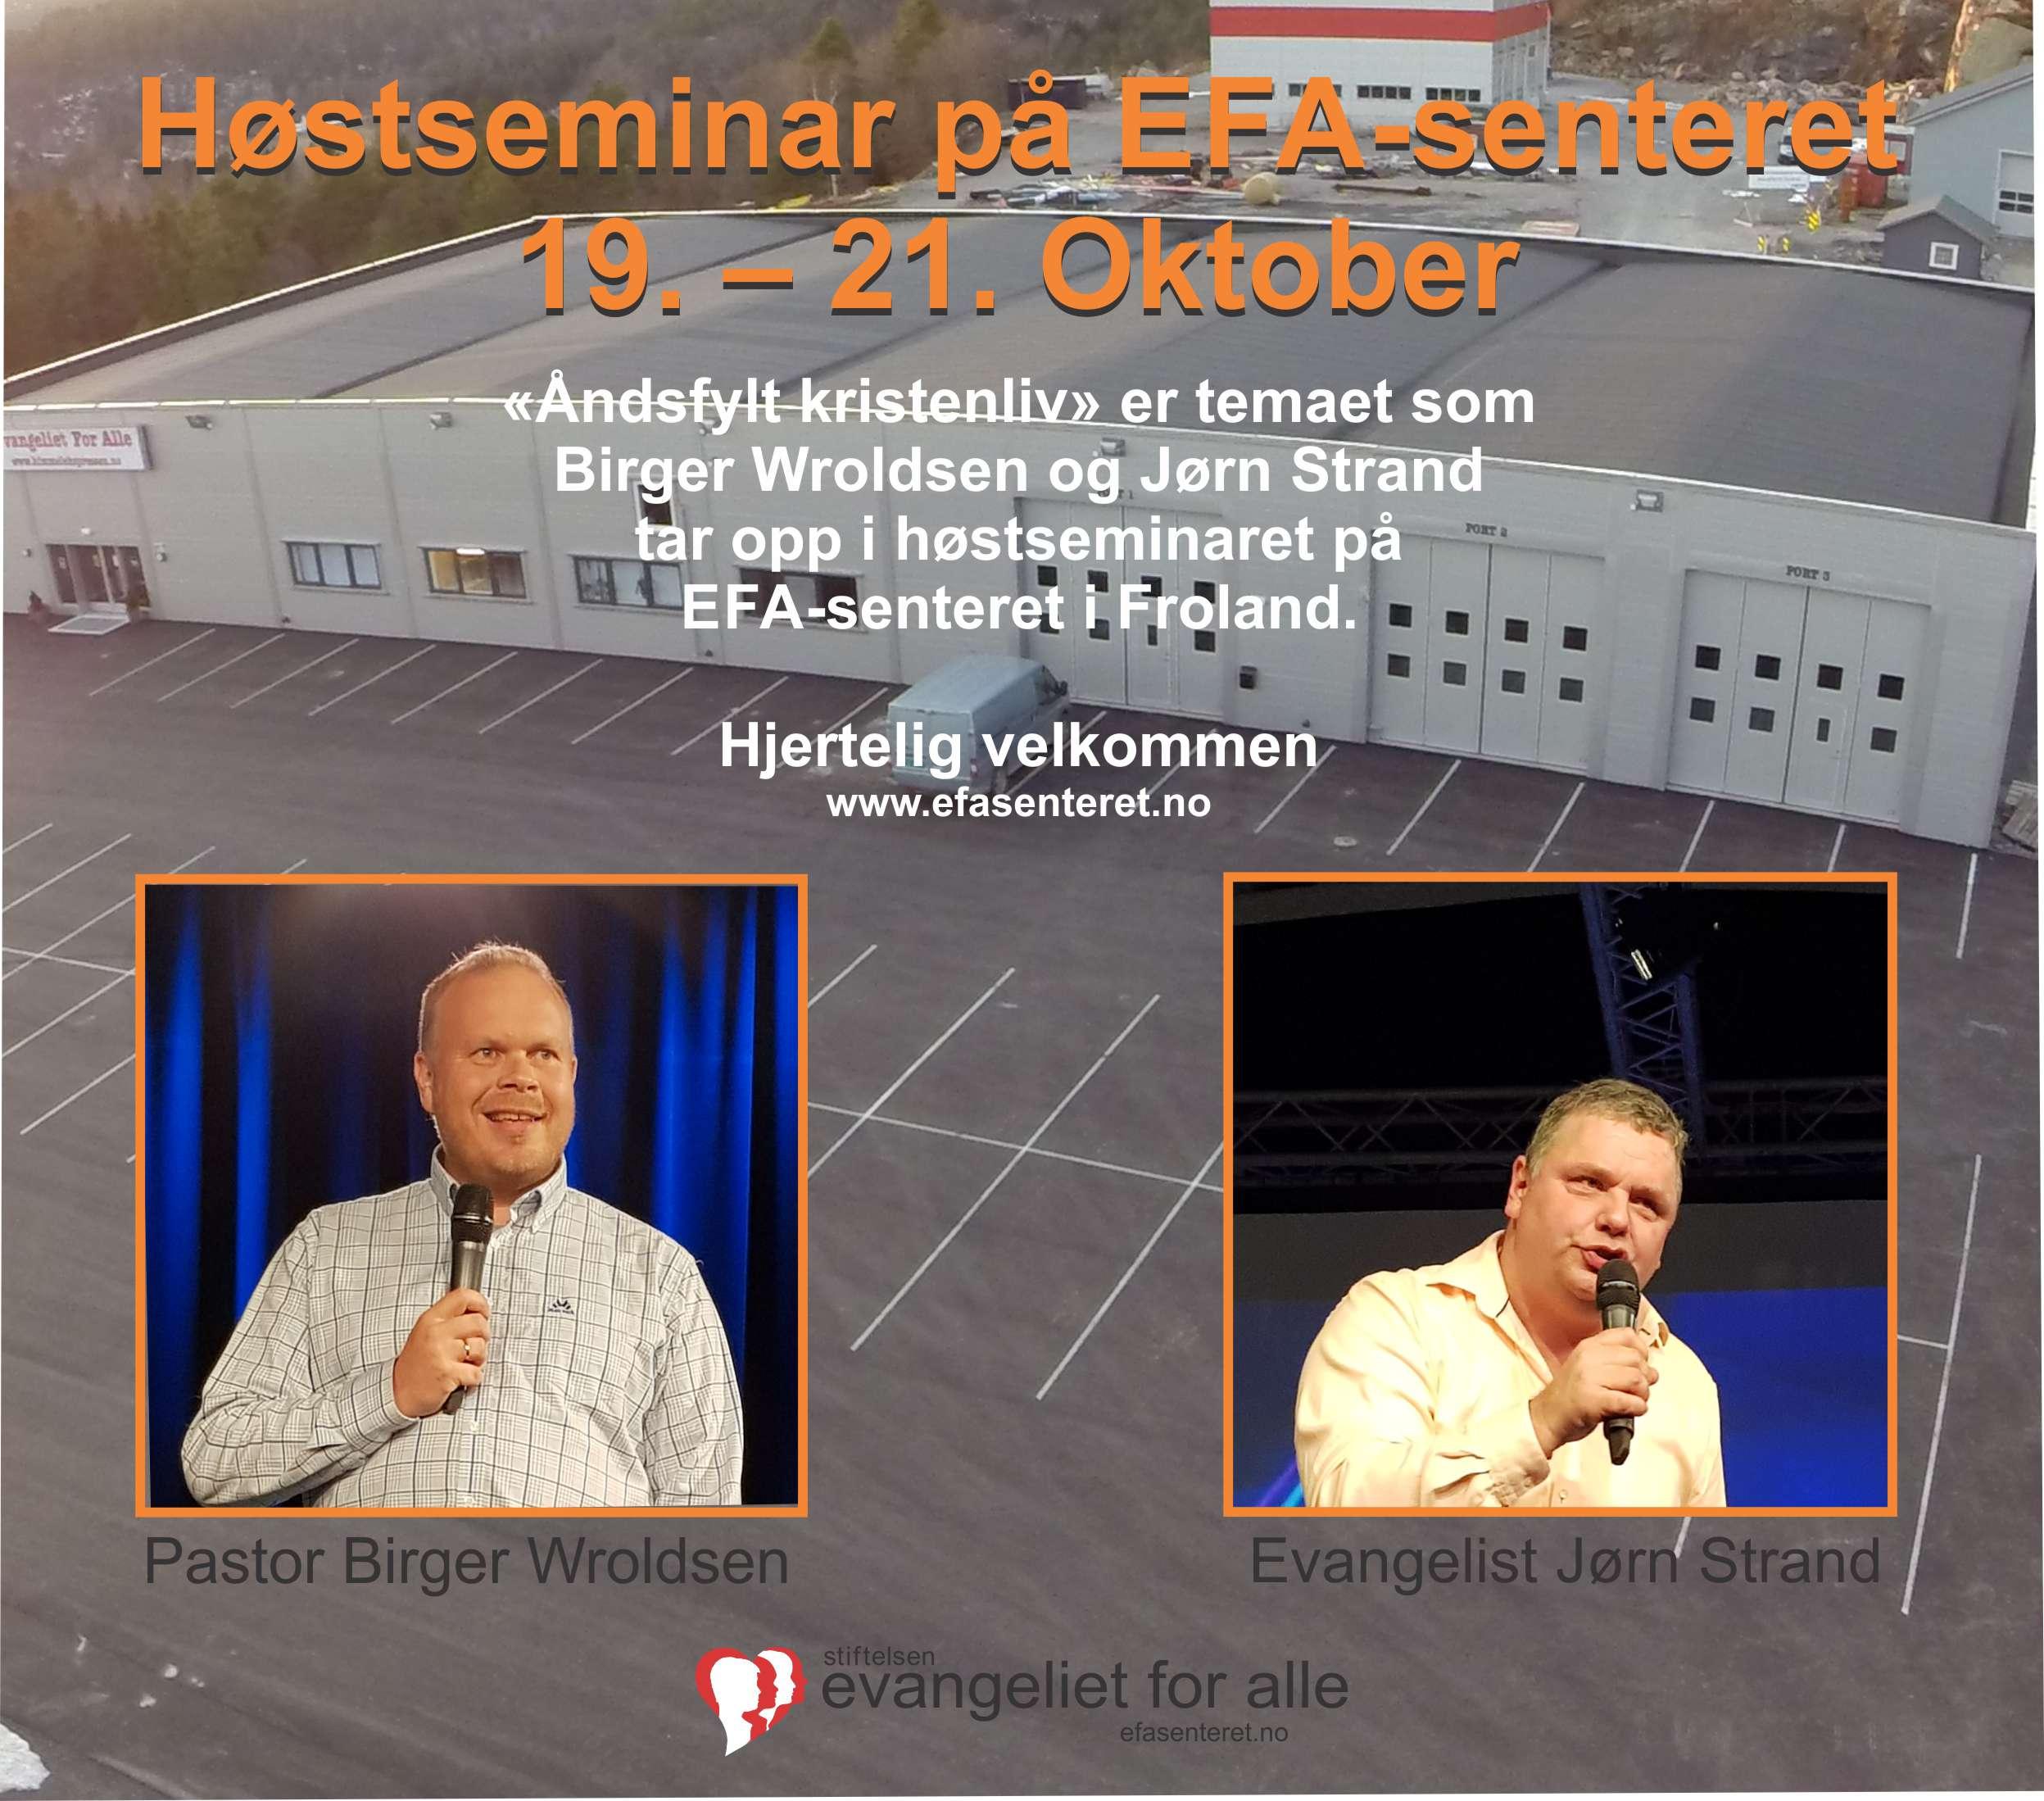 Høst seminar på EFA-senteret den 19. – 21. Oktober